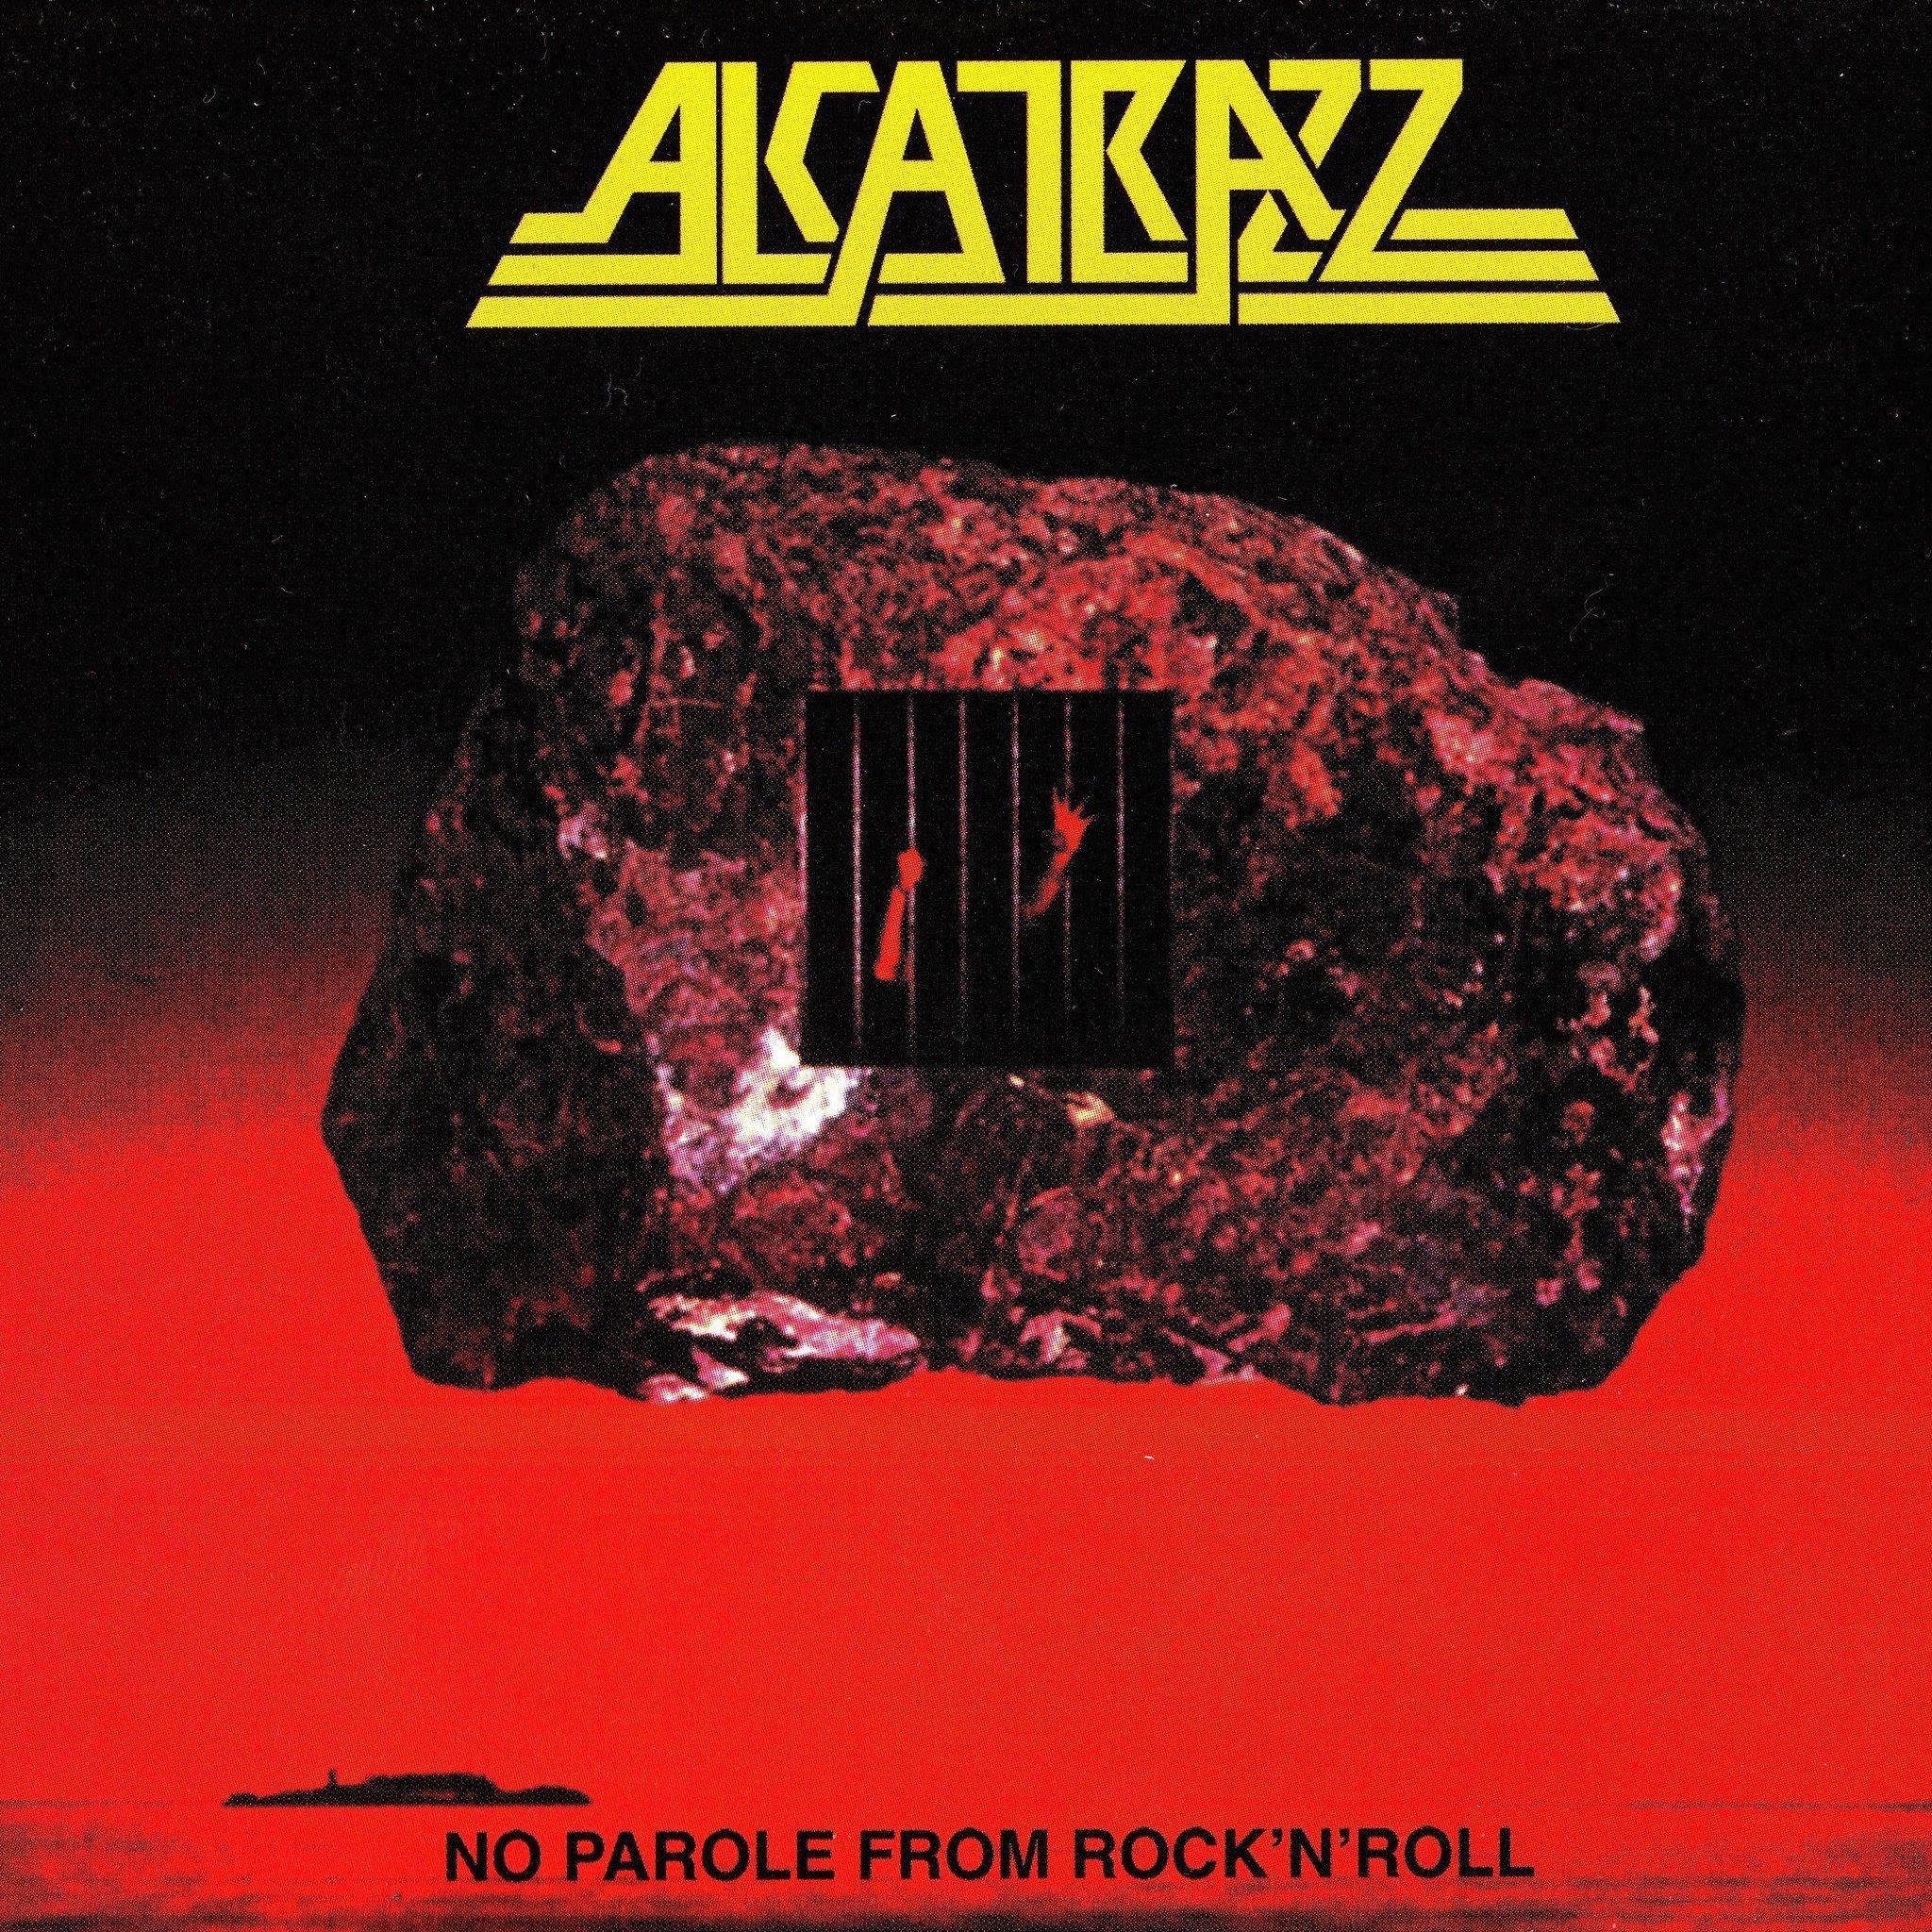 Jet To Jet by Alcatrazz Happy Birthday, Yngwie Malmsteen